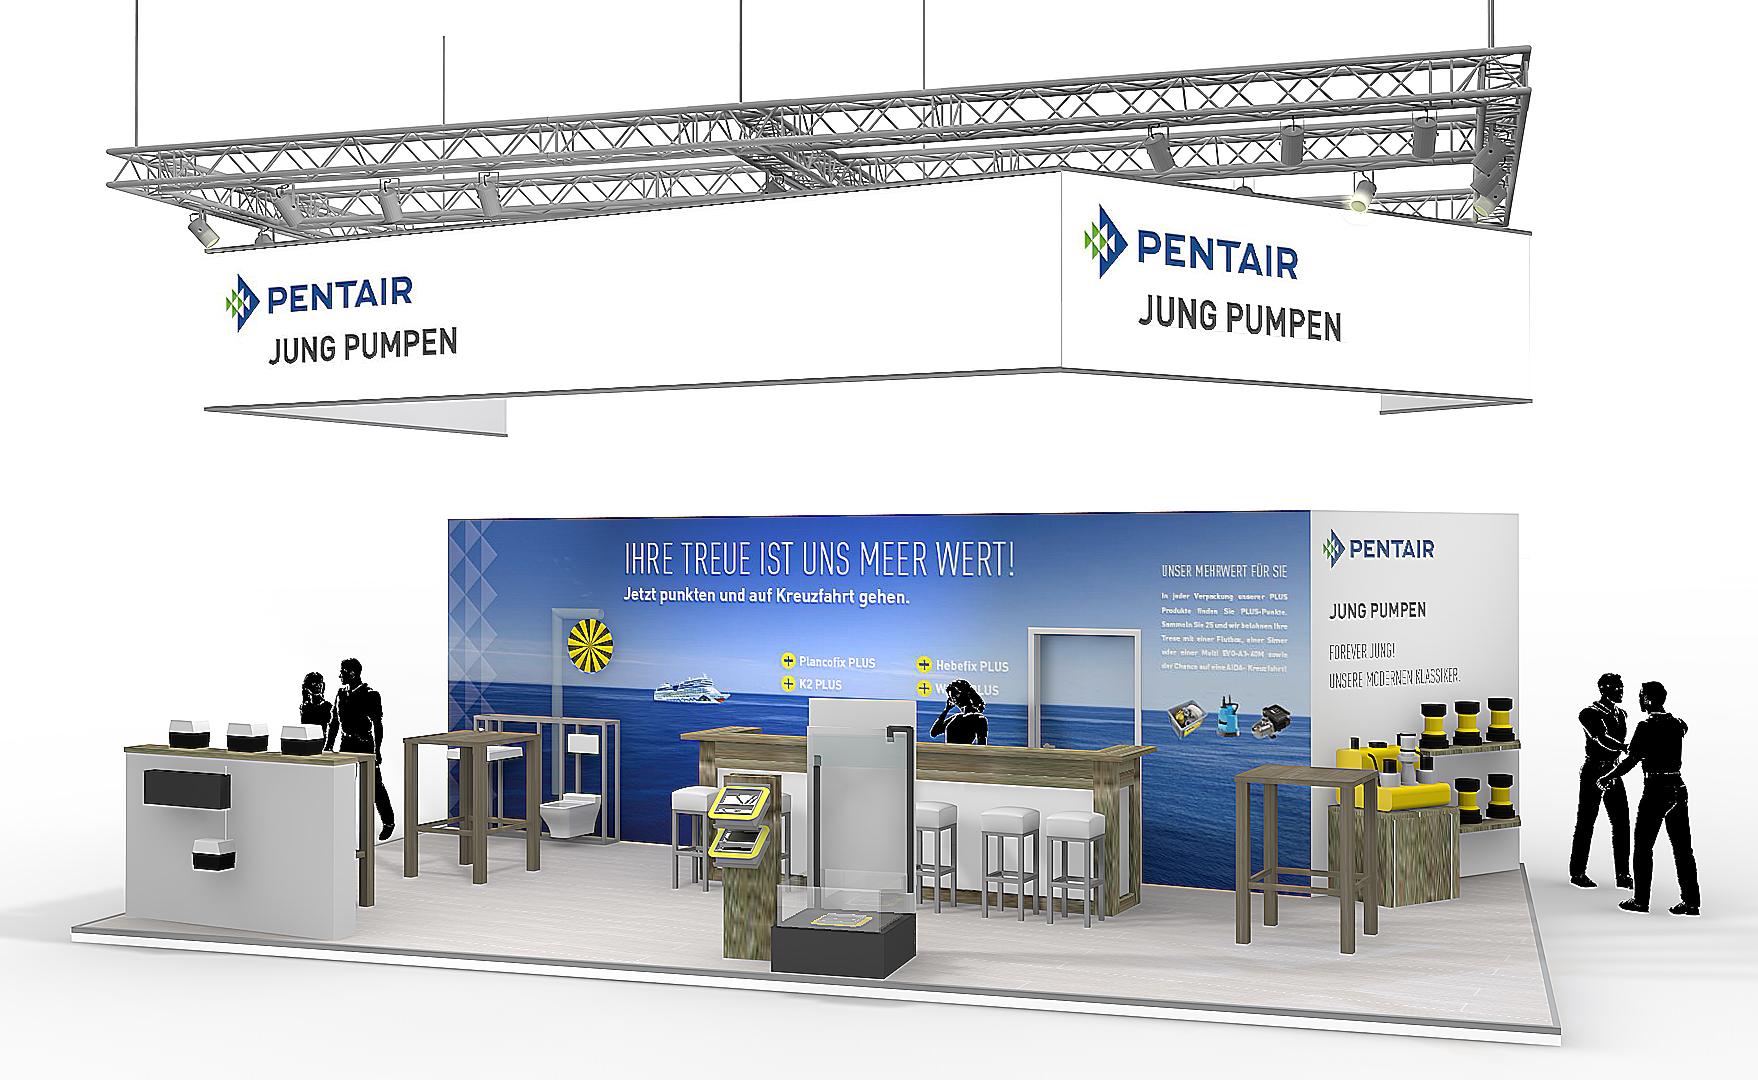 Pentair Jung Pumpen liefert MEERwert - Pentair JUNG PUMPEN GmbH ...